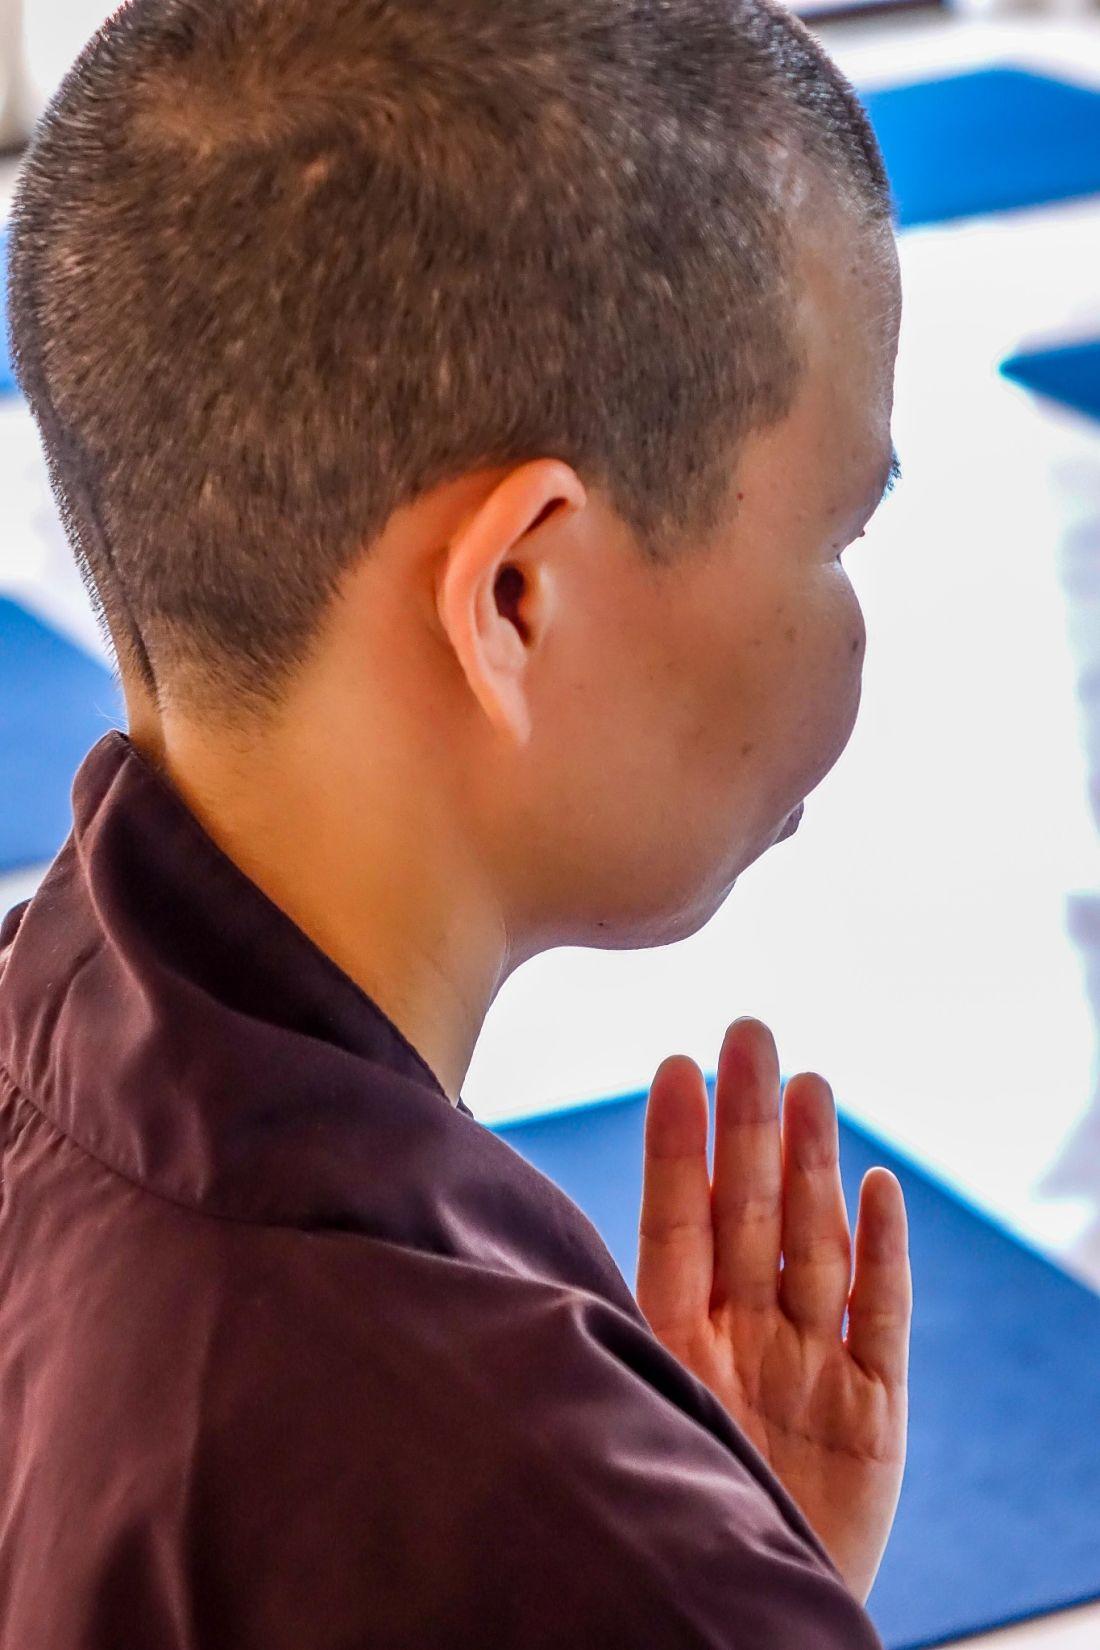 Mindful Meditation at Nomad Yoga, Hoi An Meditation, Su Co Vi 5_opt